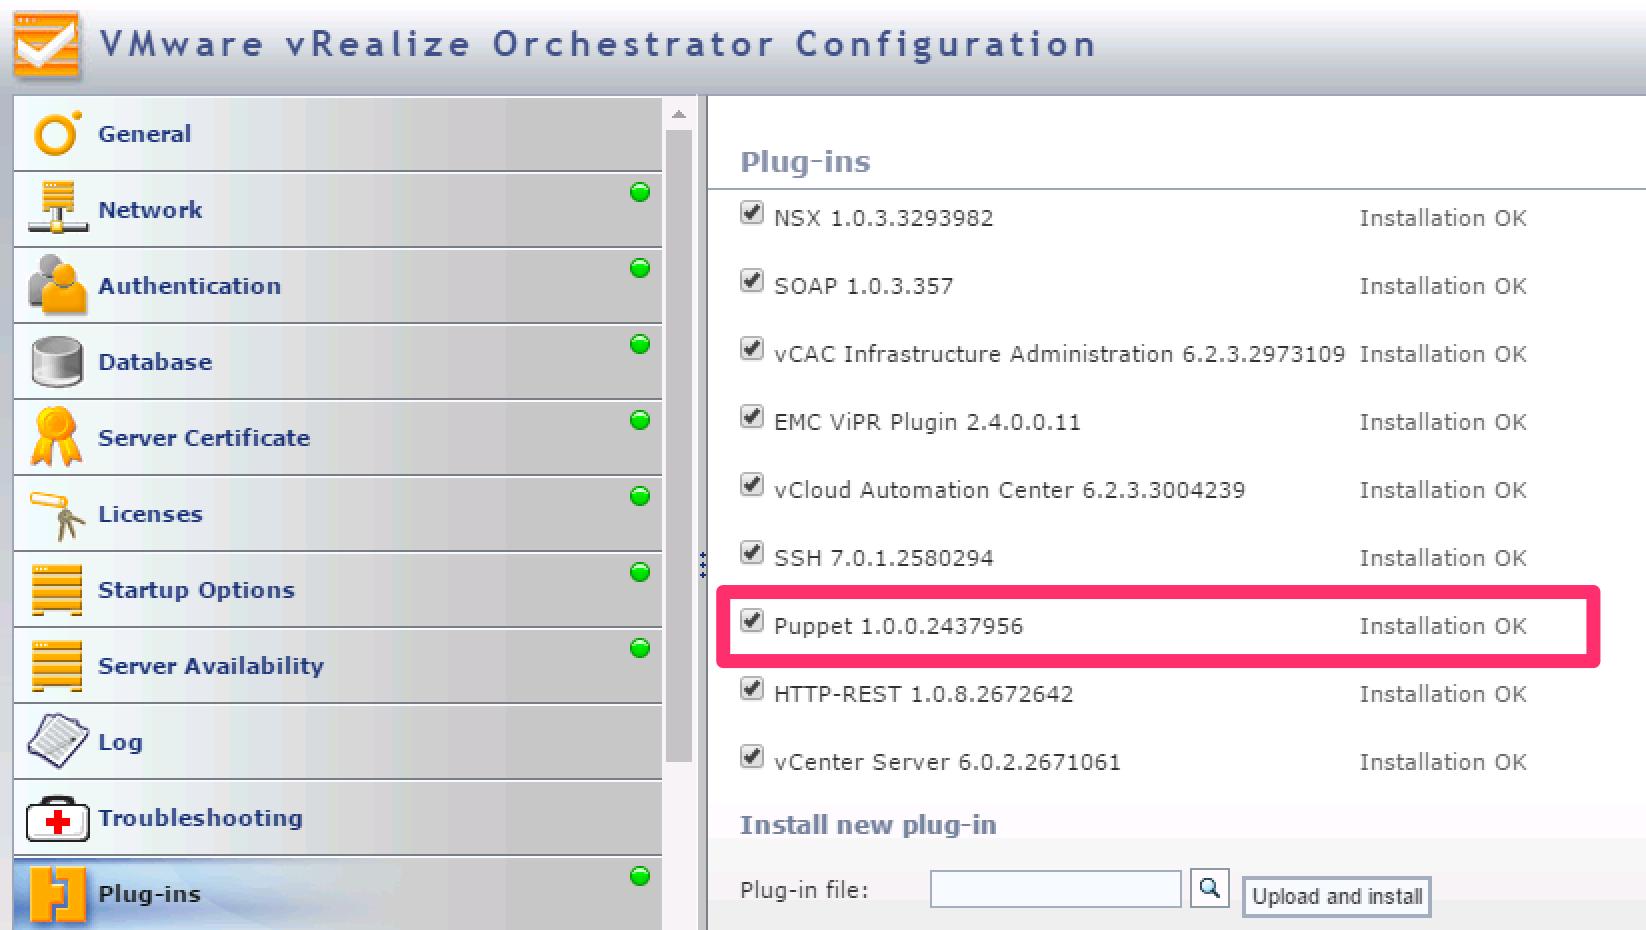 VRO Configuration